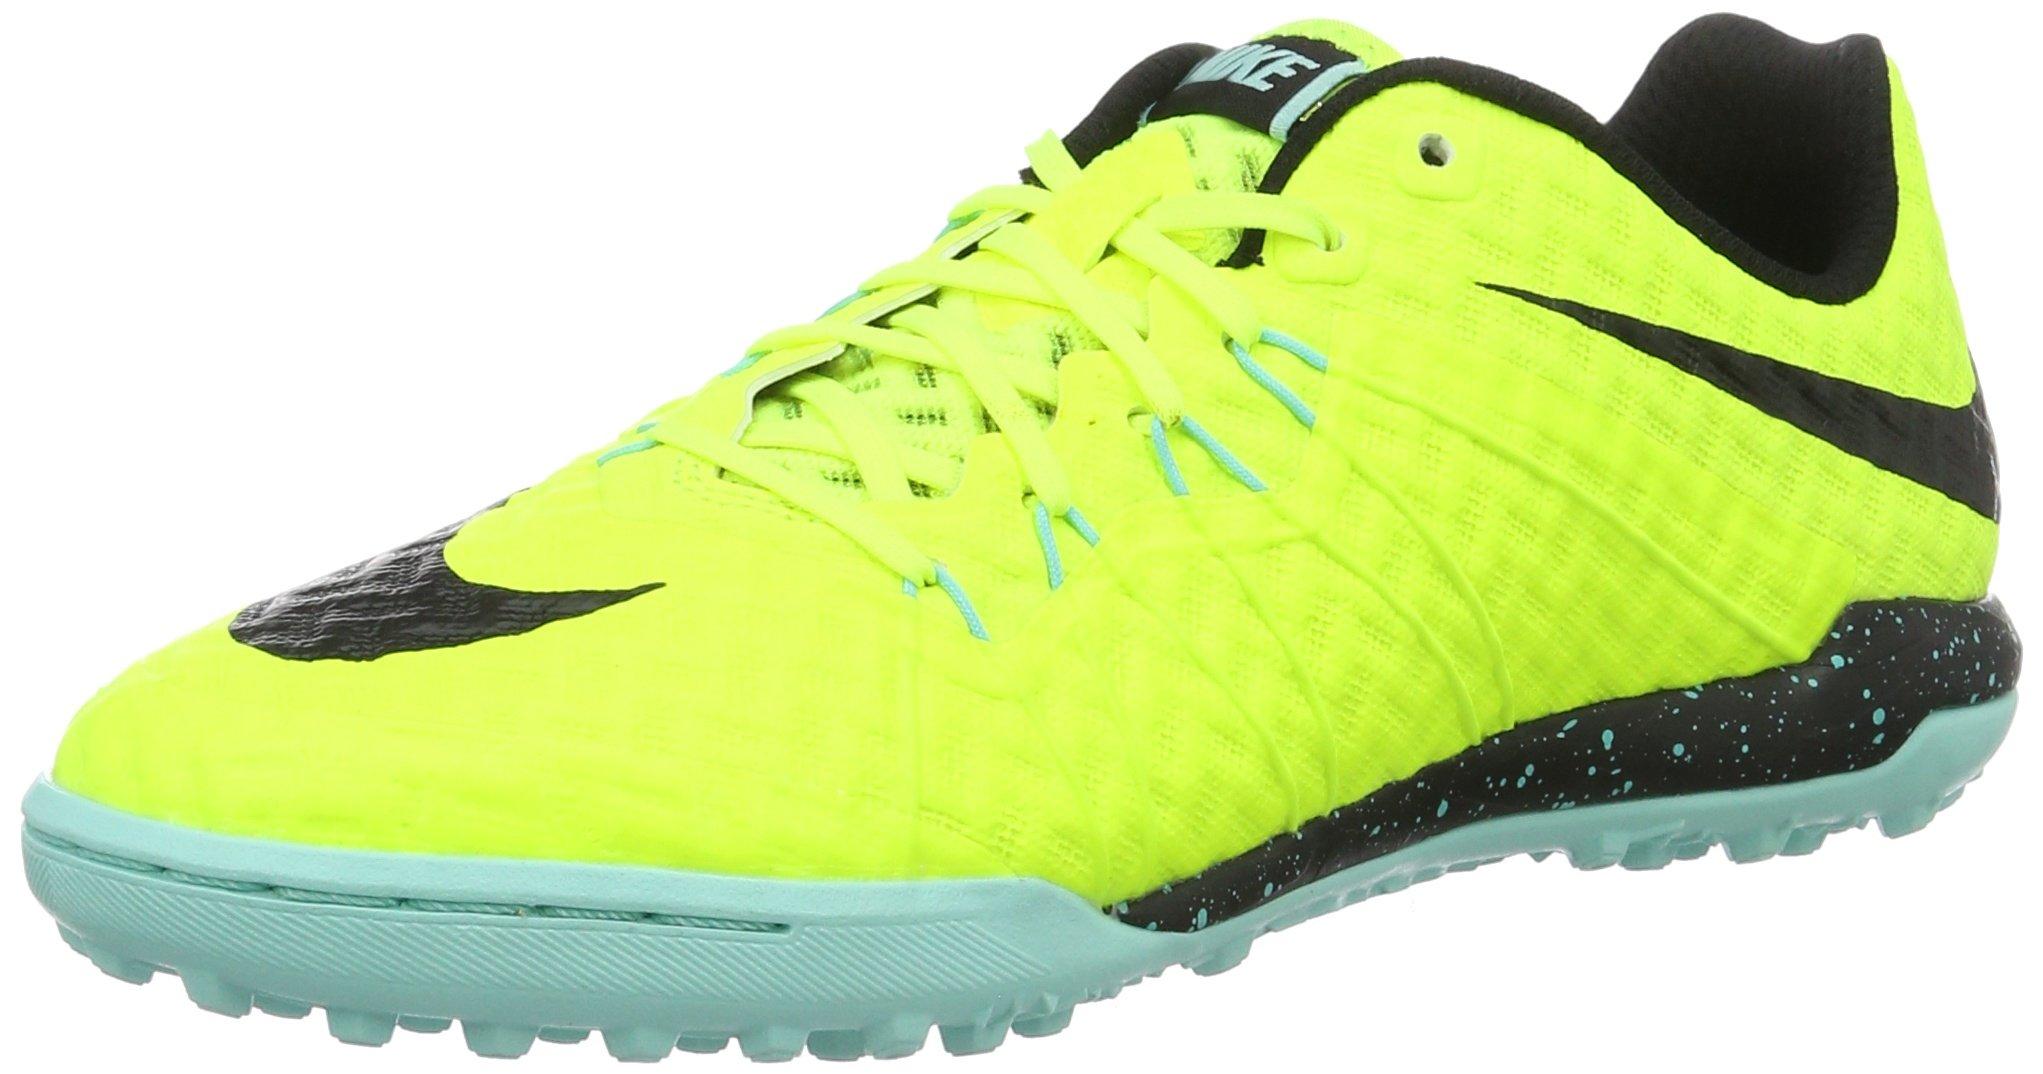 Giầy thể thao chính hãng Nike Men's Hypervenomx Finale Tf Turf Soccer Shoe, Màu Volt/Black Black Hyper Turq, Size 9.5 US/ 43 EU